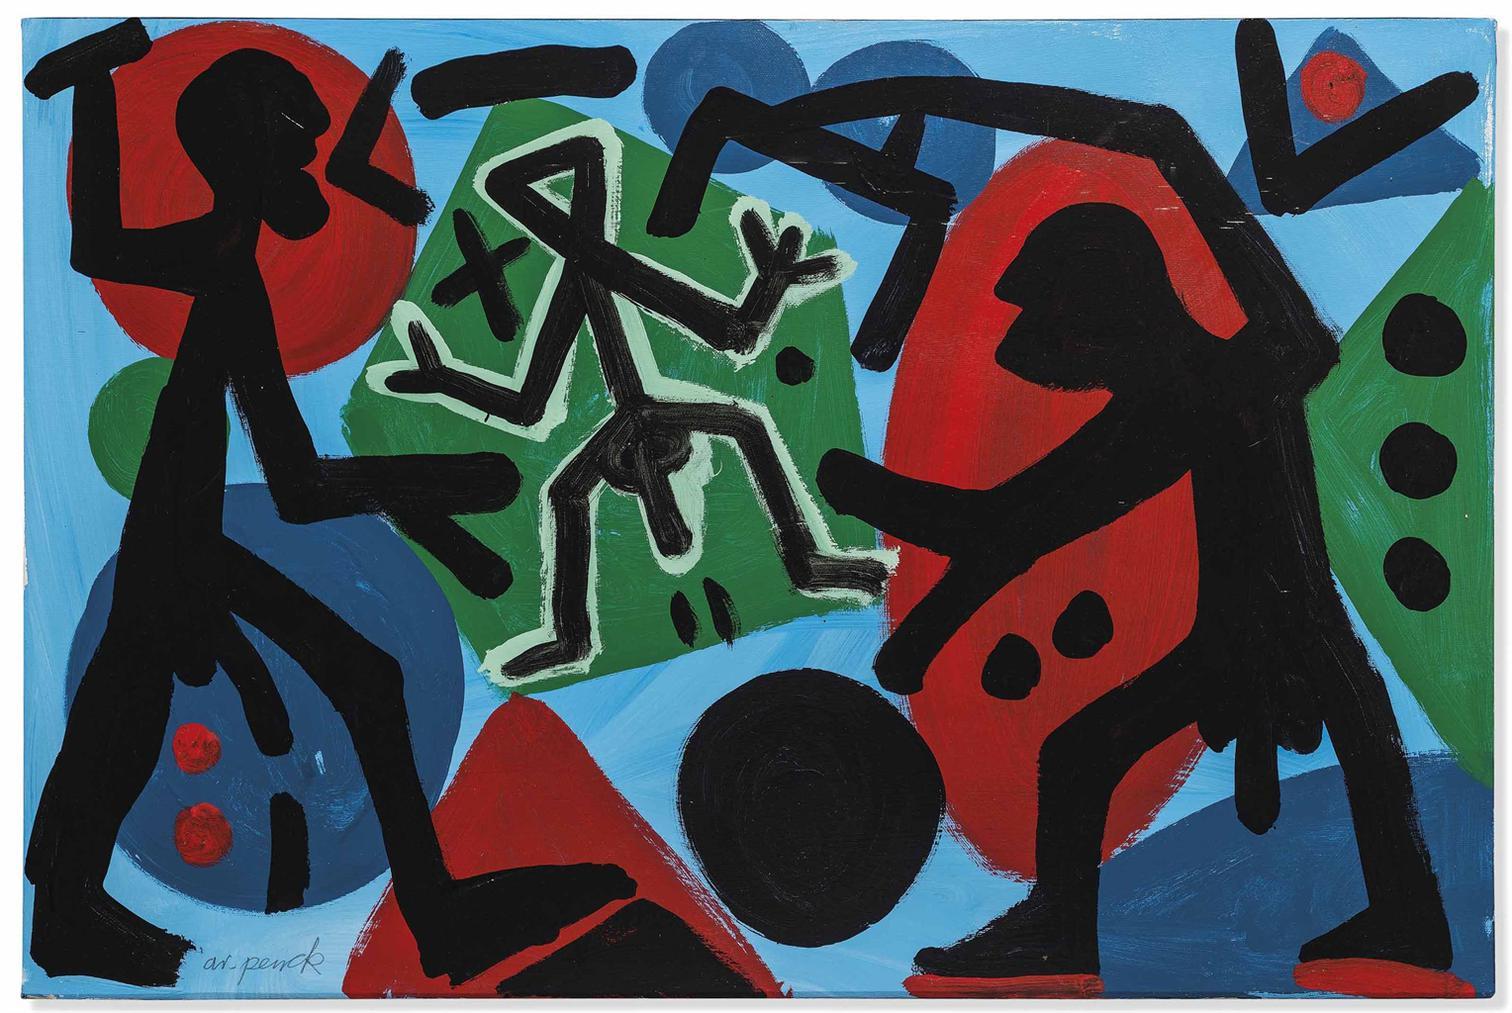 A.R. Penck-Bedrangt (Embattled)-1997